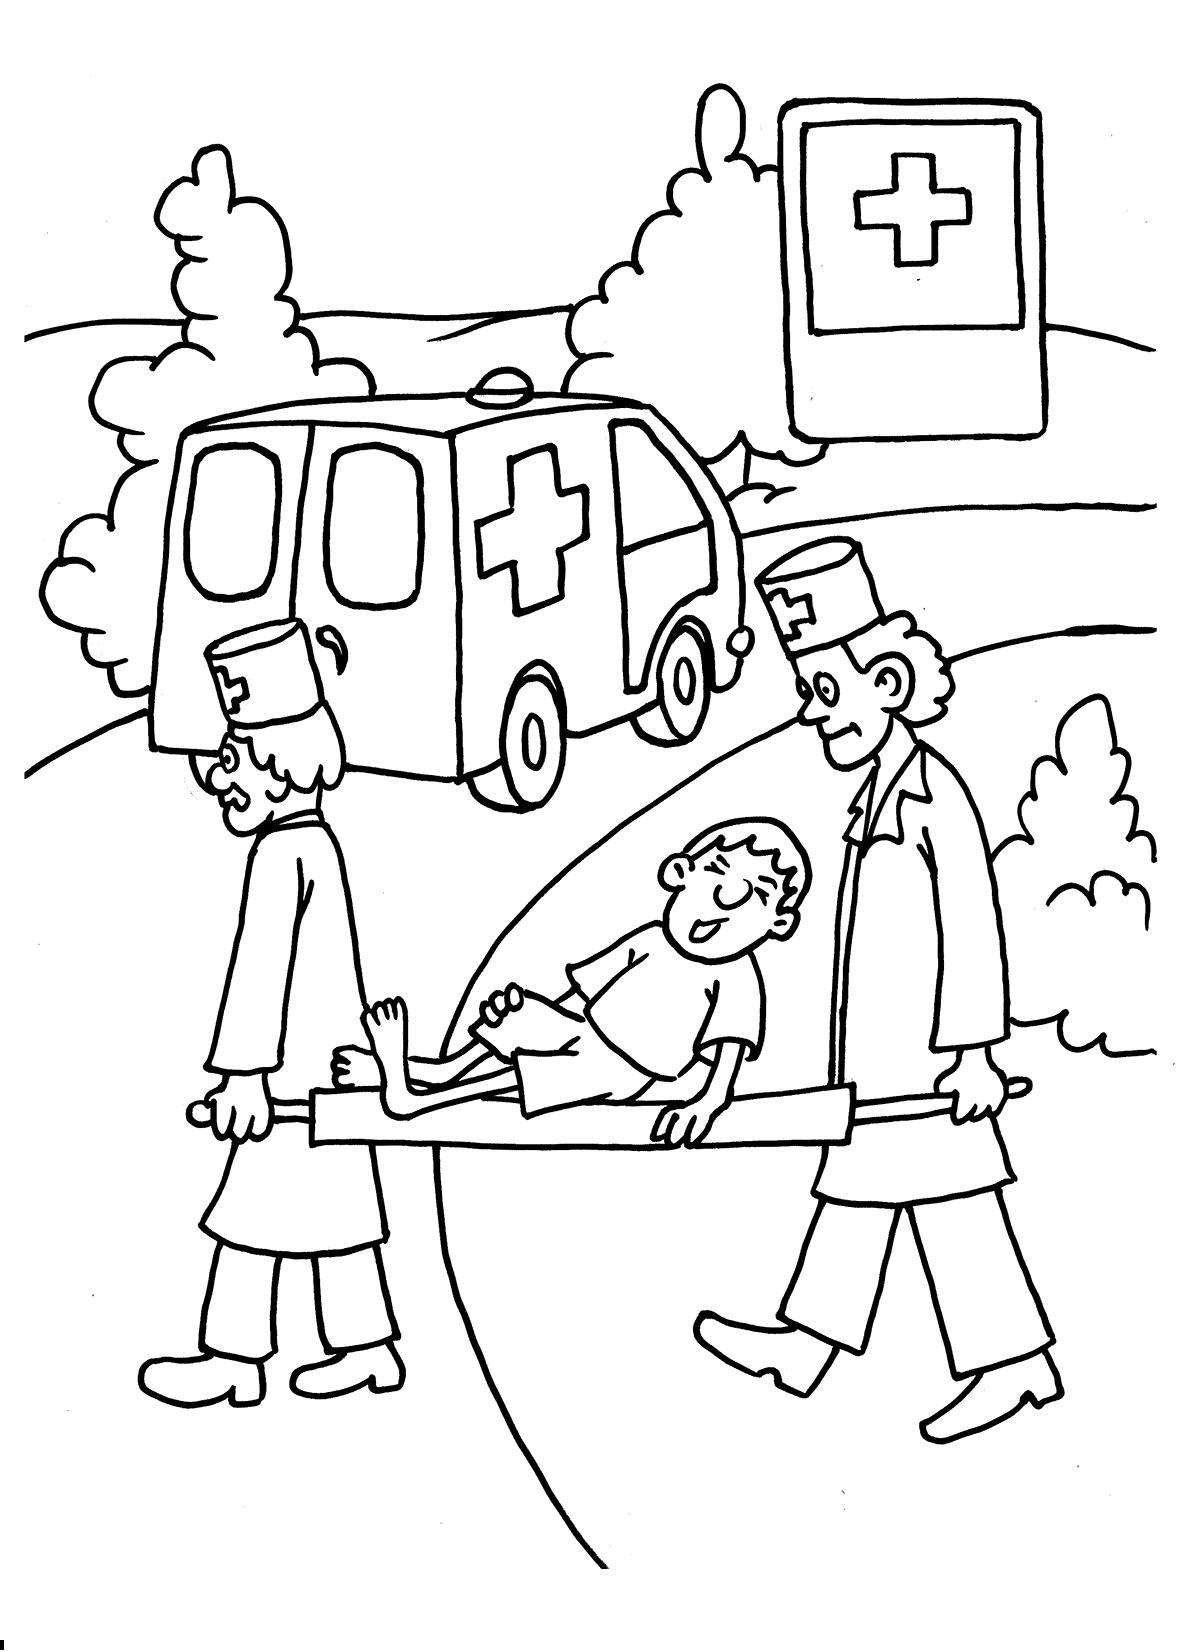 Раскраска медпункт. раскраска раскраски знаки дорожного движения. носилки, скорая помощь, санитары, врач, медик